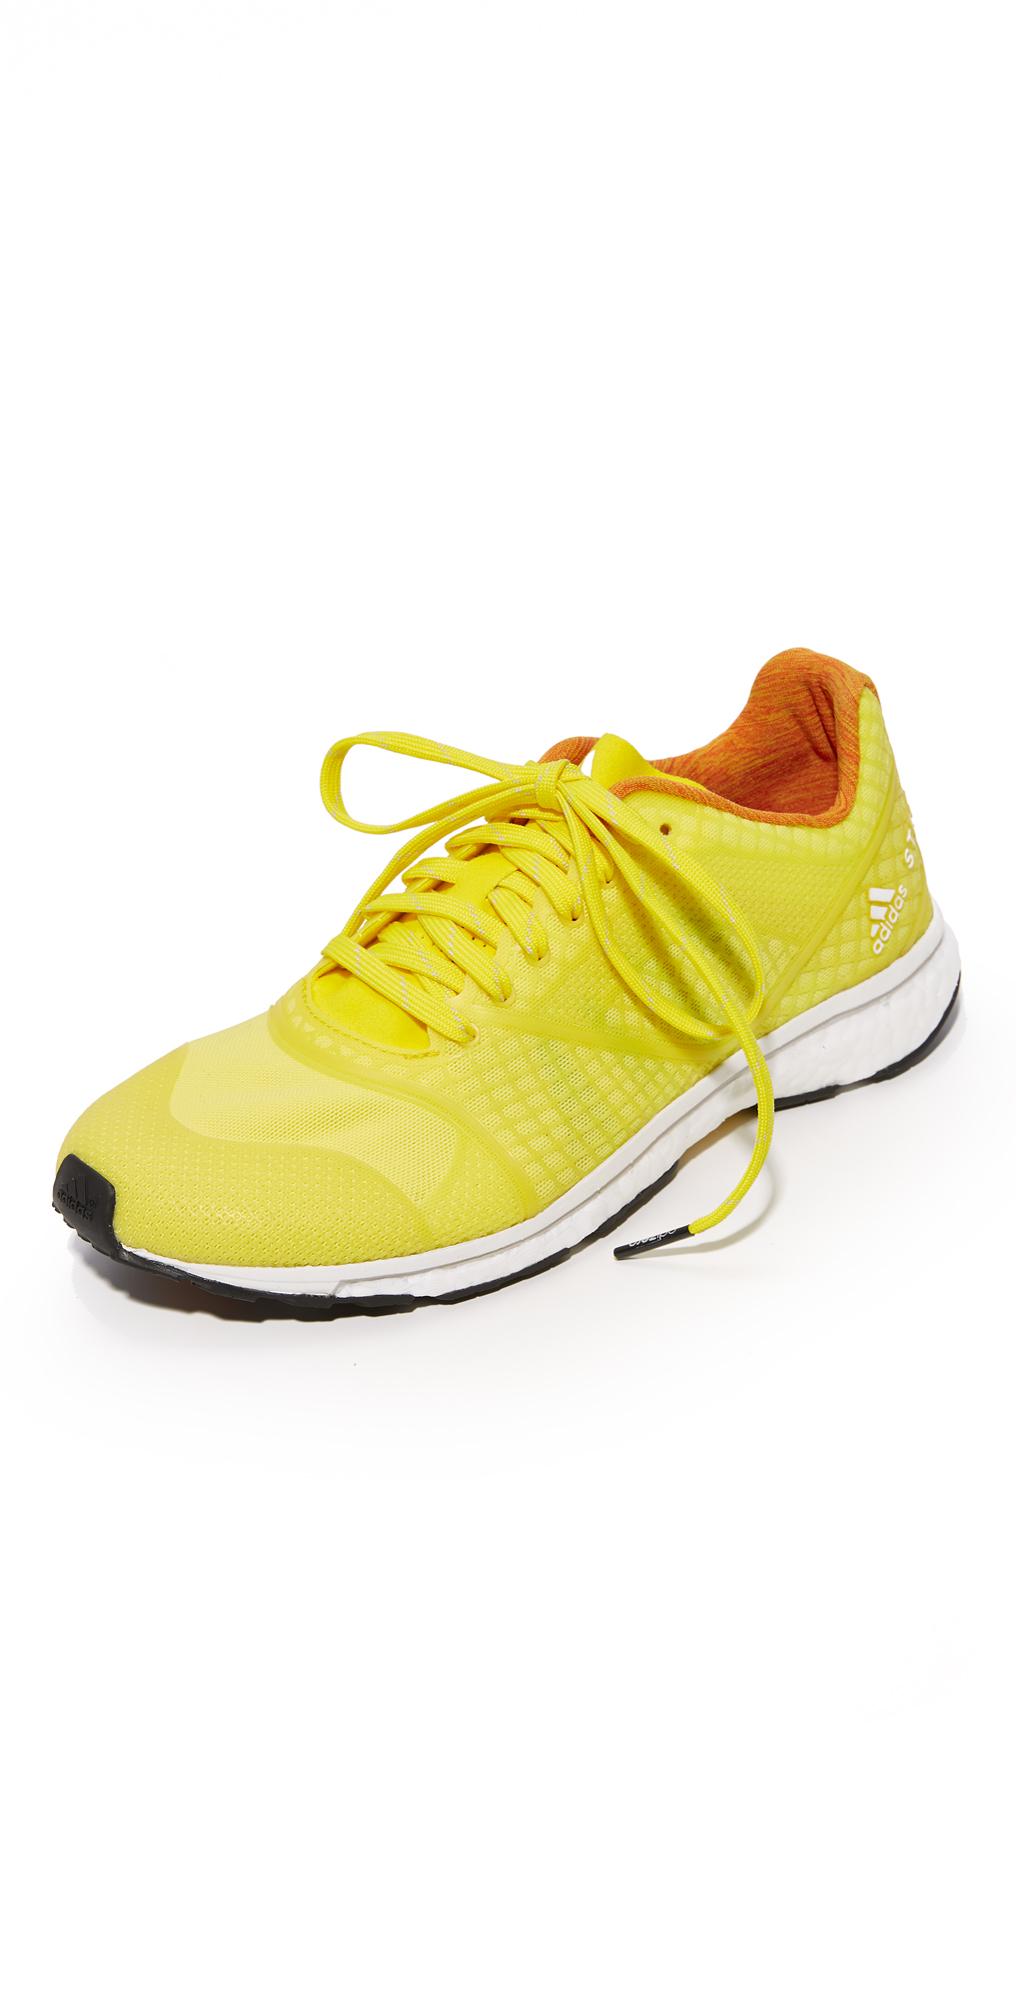 Adizero Adios Boost Sneakers adidas by Stella McCartney